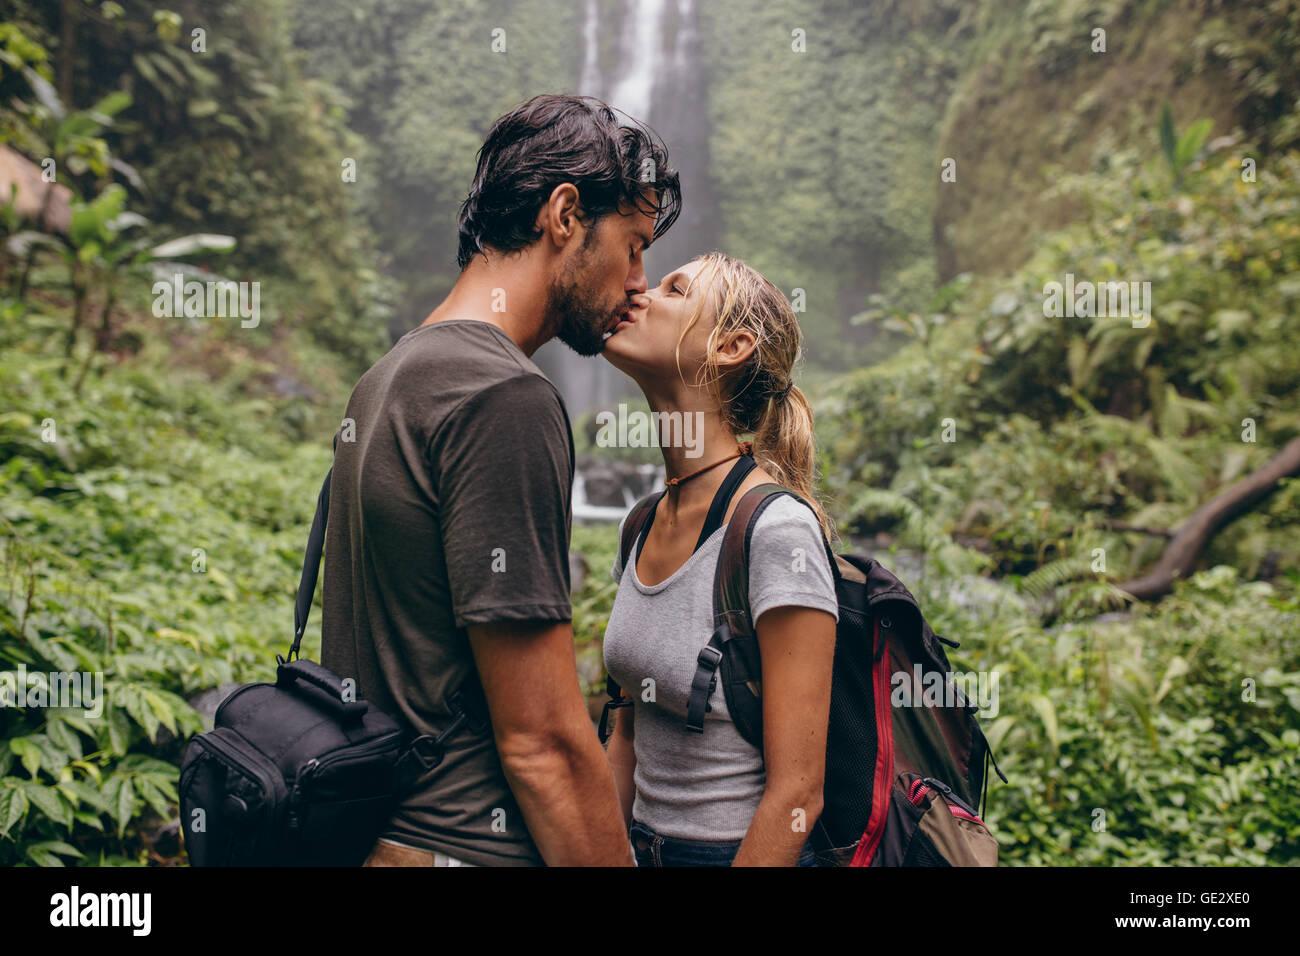 Aufnahme des jungen Liebespaar stehend im Wald küssen. Paar in Liebe küssen in der Nähe von einem Stockbild